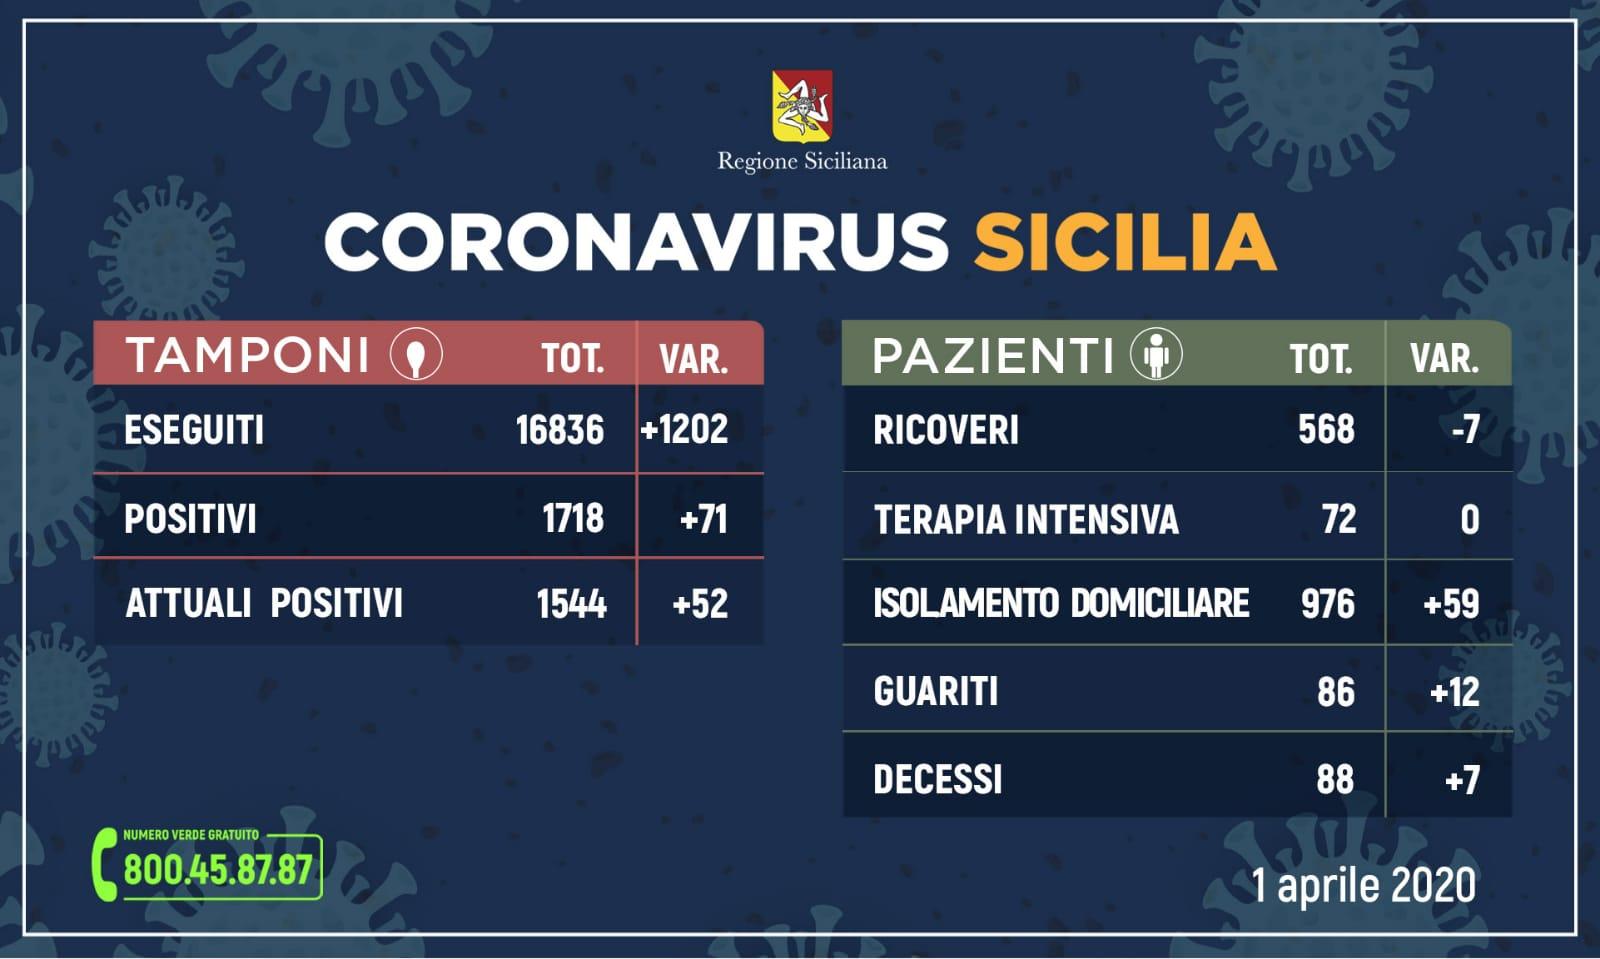 Coronavirus Sicilia, i dati del primo aprile continuano i cali dei contagi